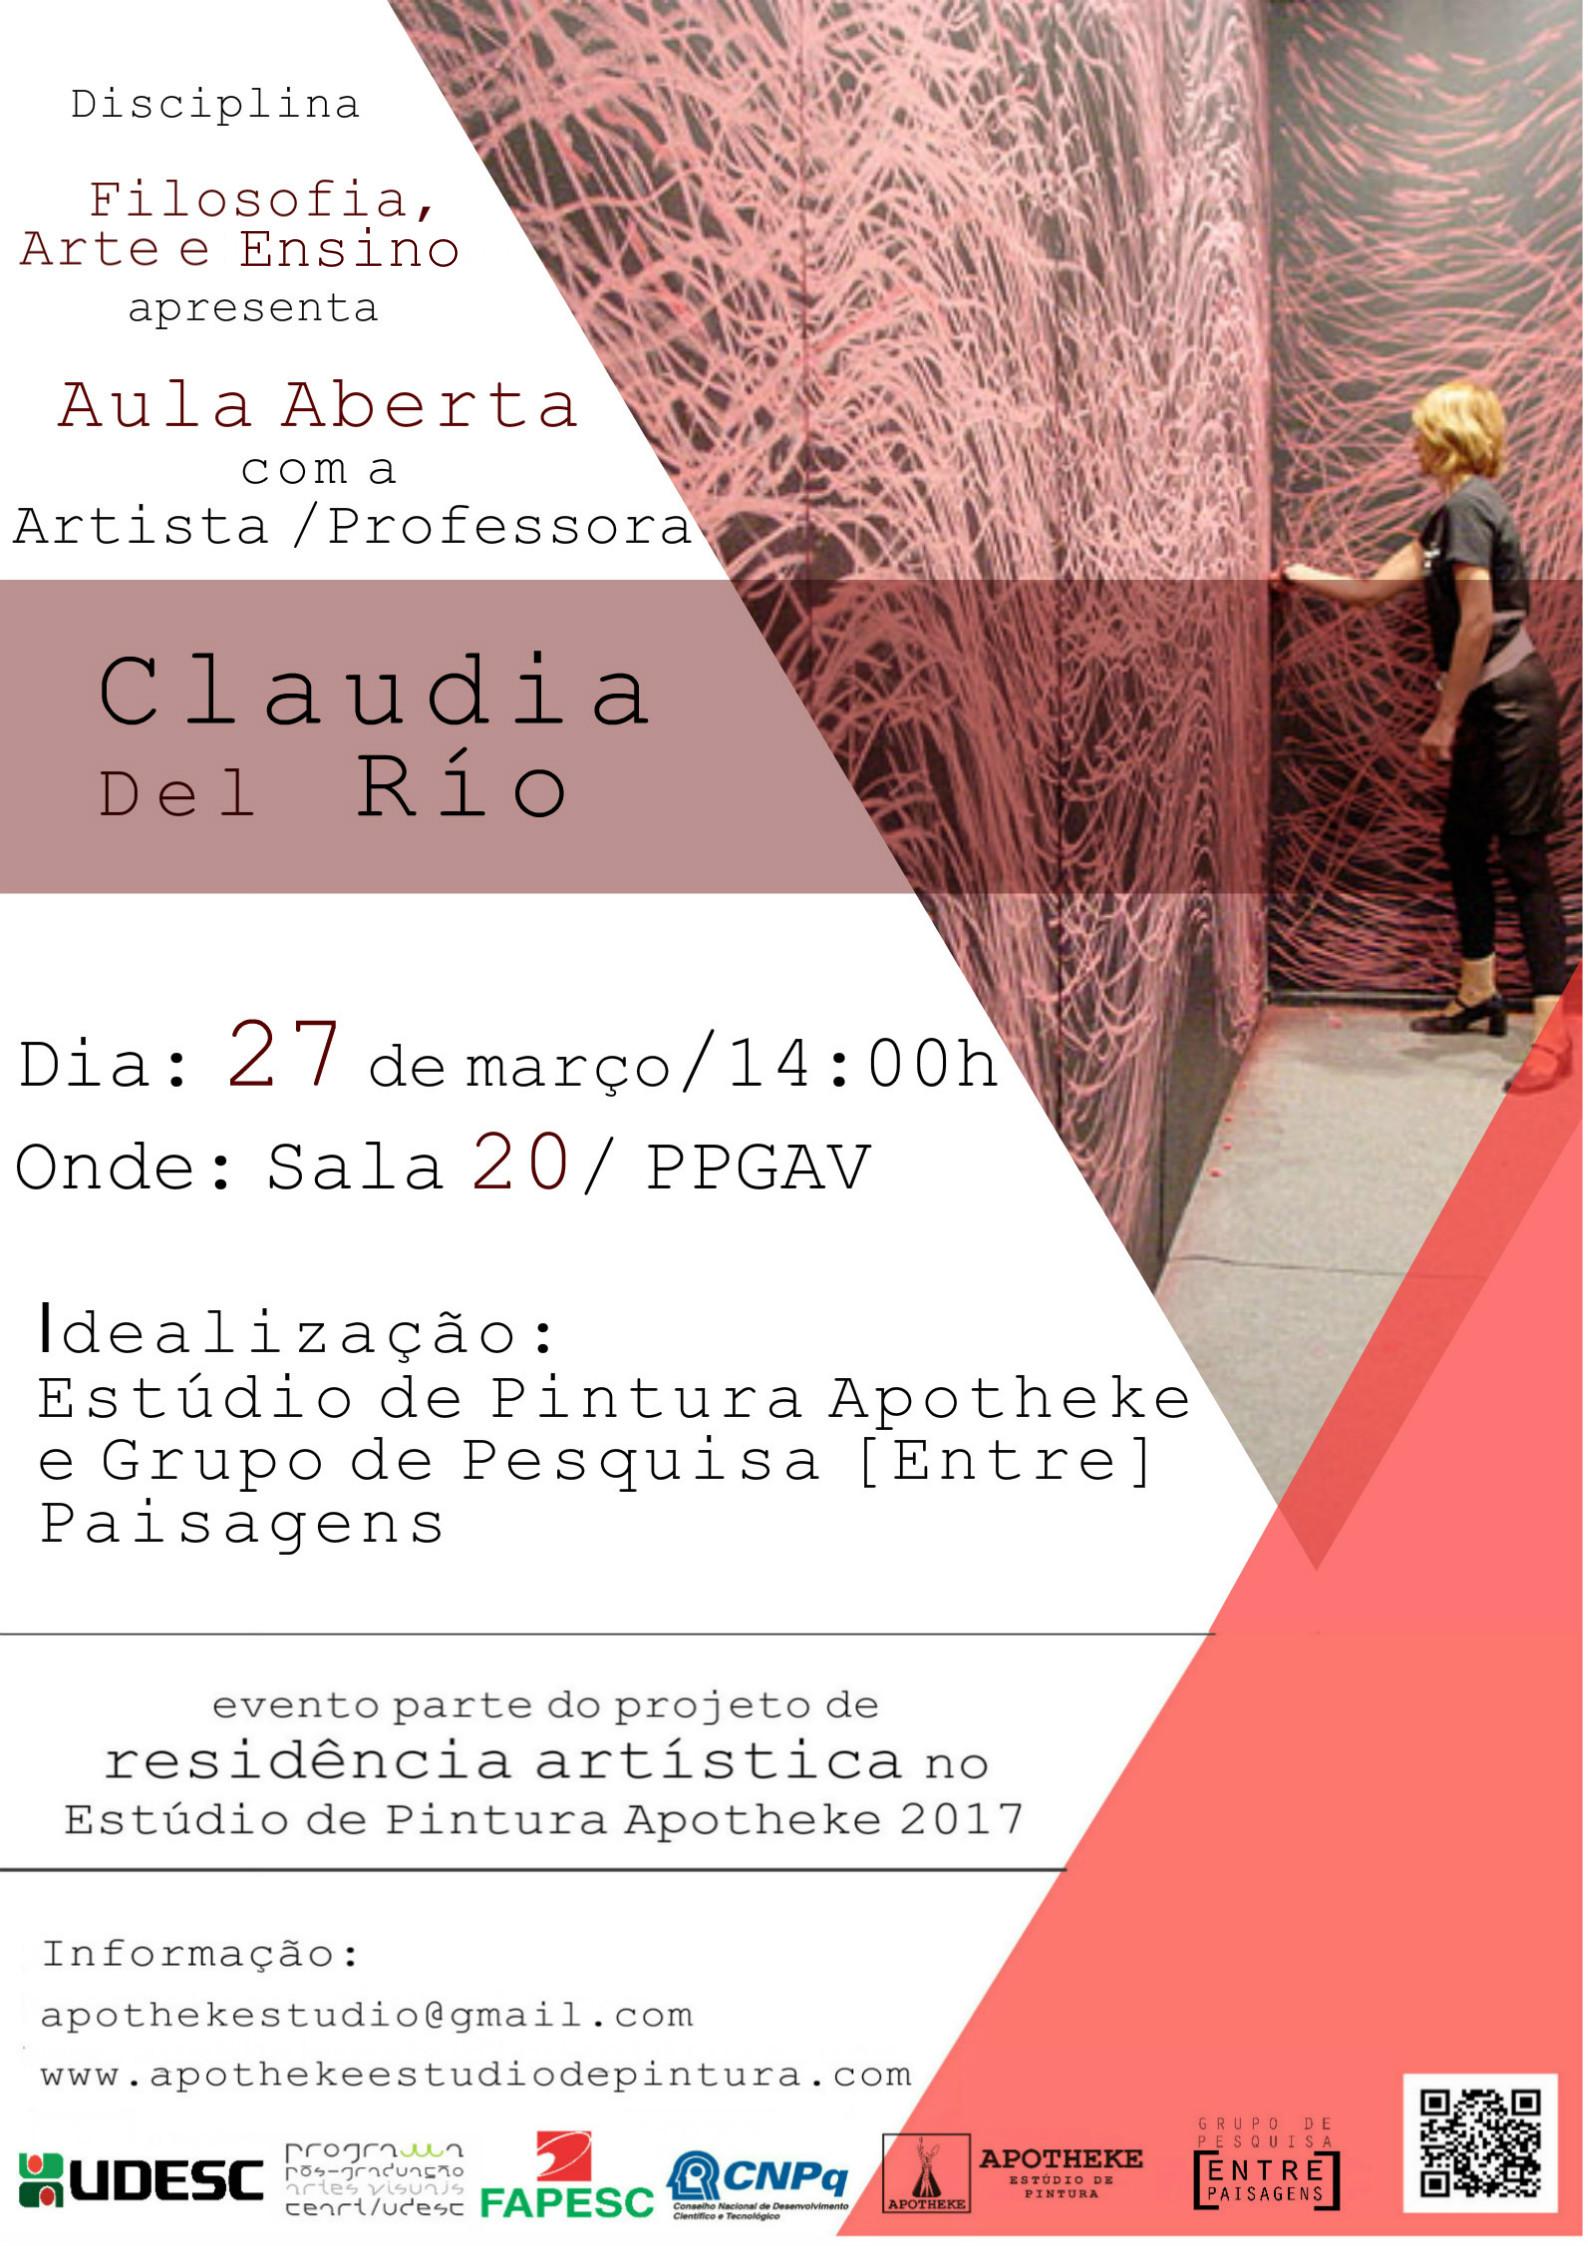 Aula Aberta com Claudia Del Río